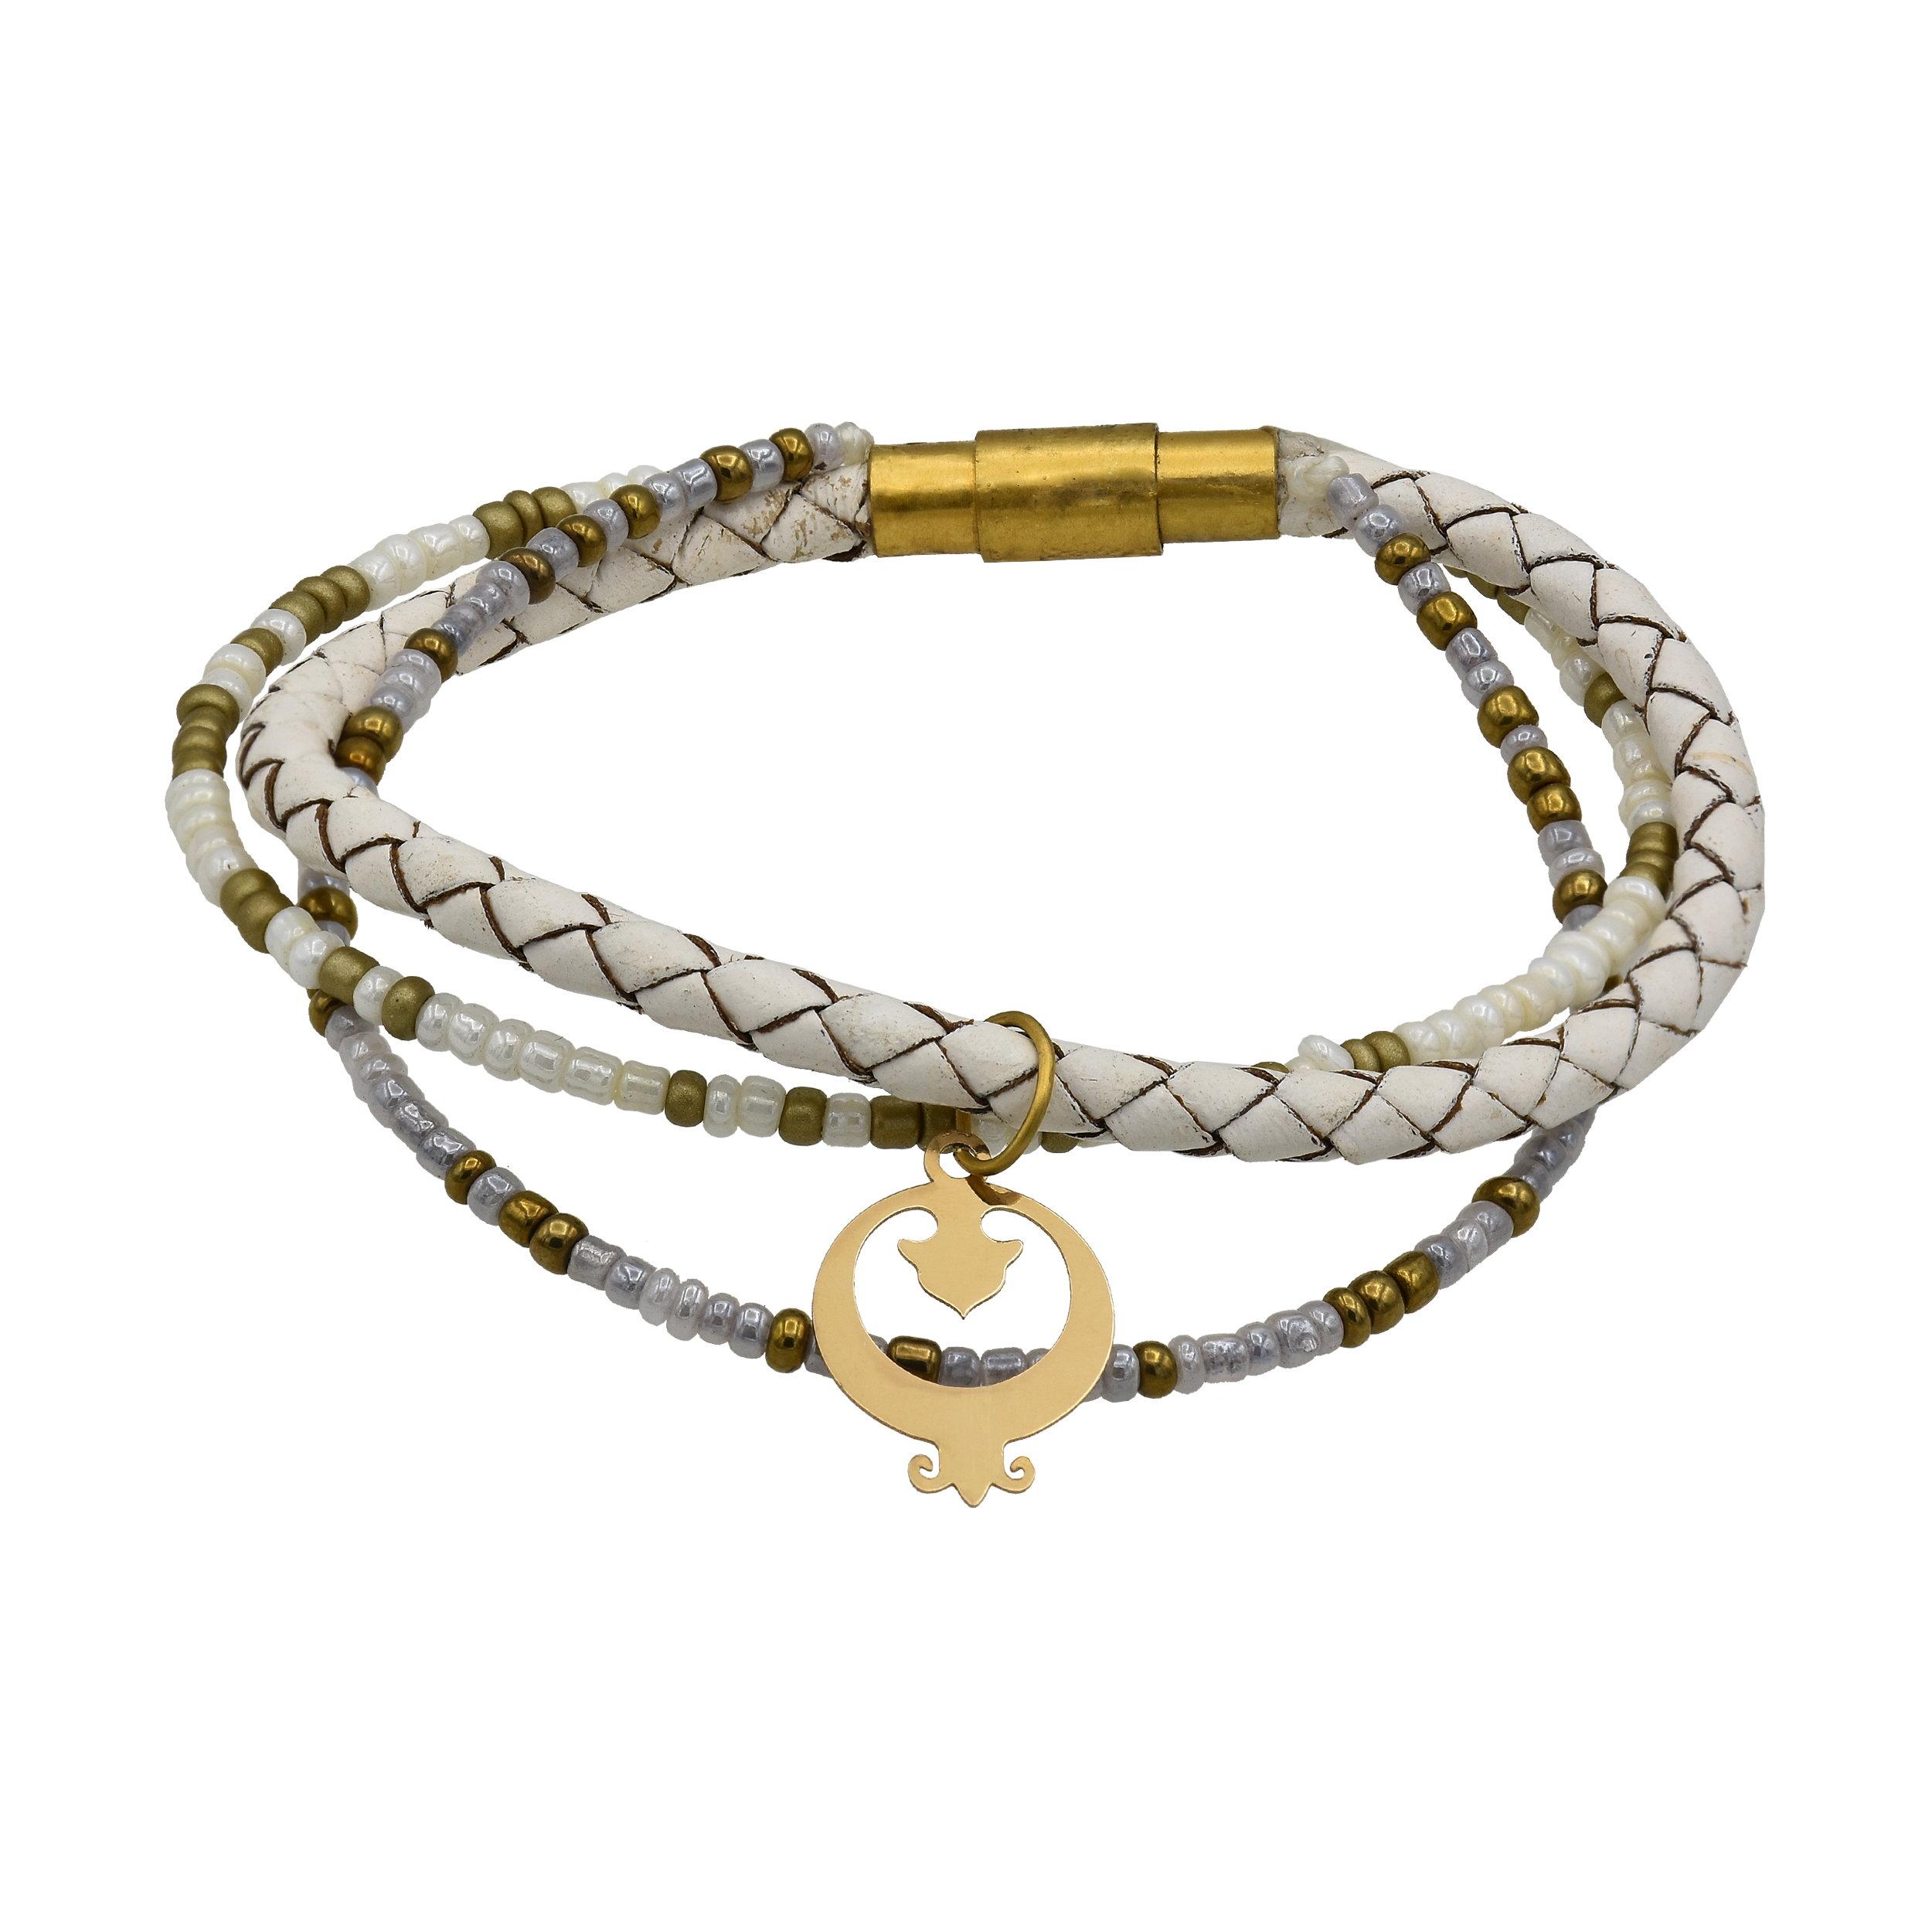 دستبند نقره زنانه کد 592s2